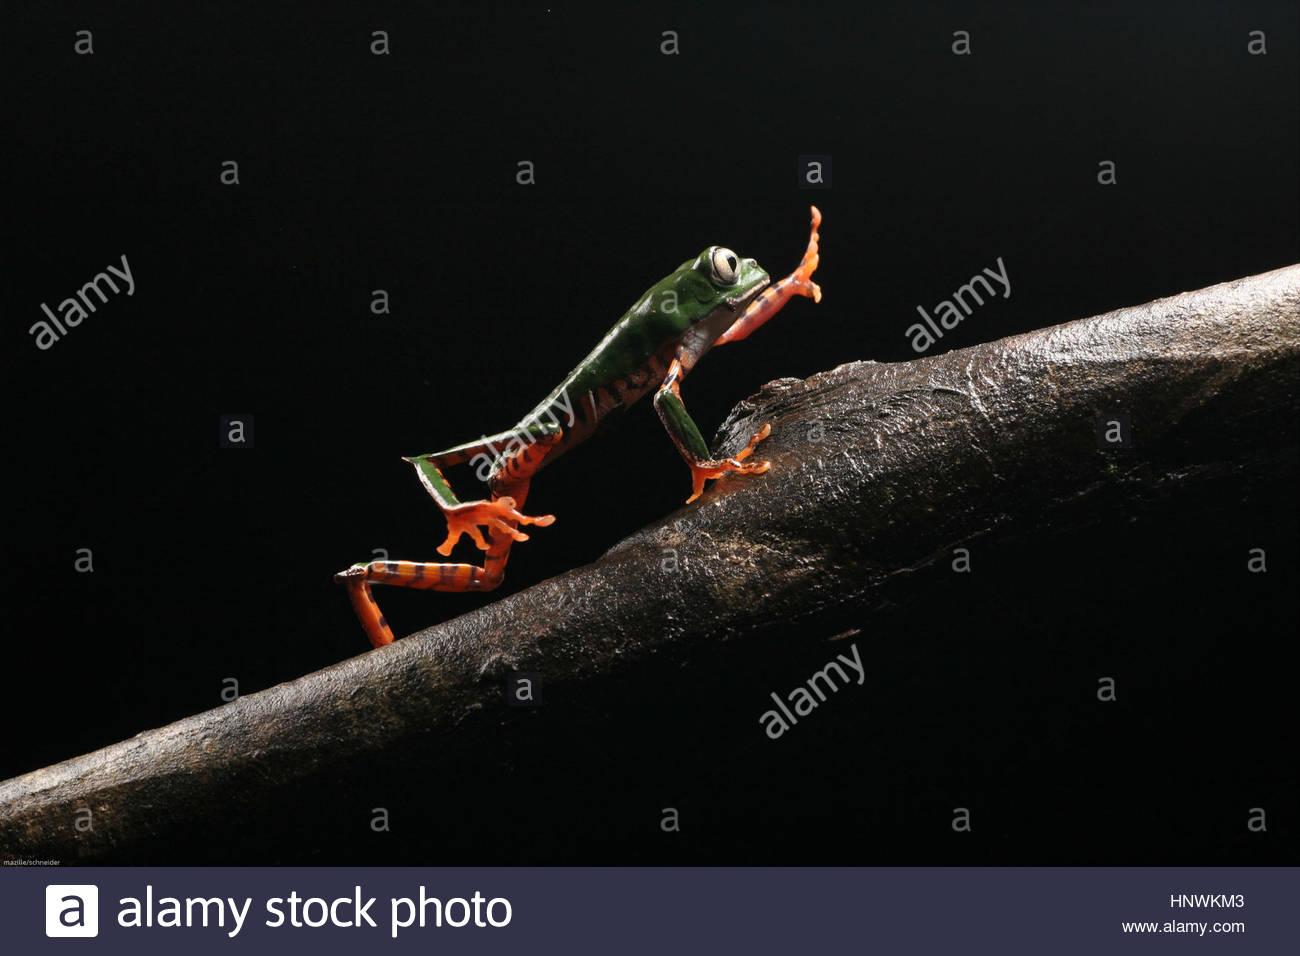 A phylomedusa tomoperna frog on a branch, Guyana. - Stock Image